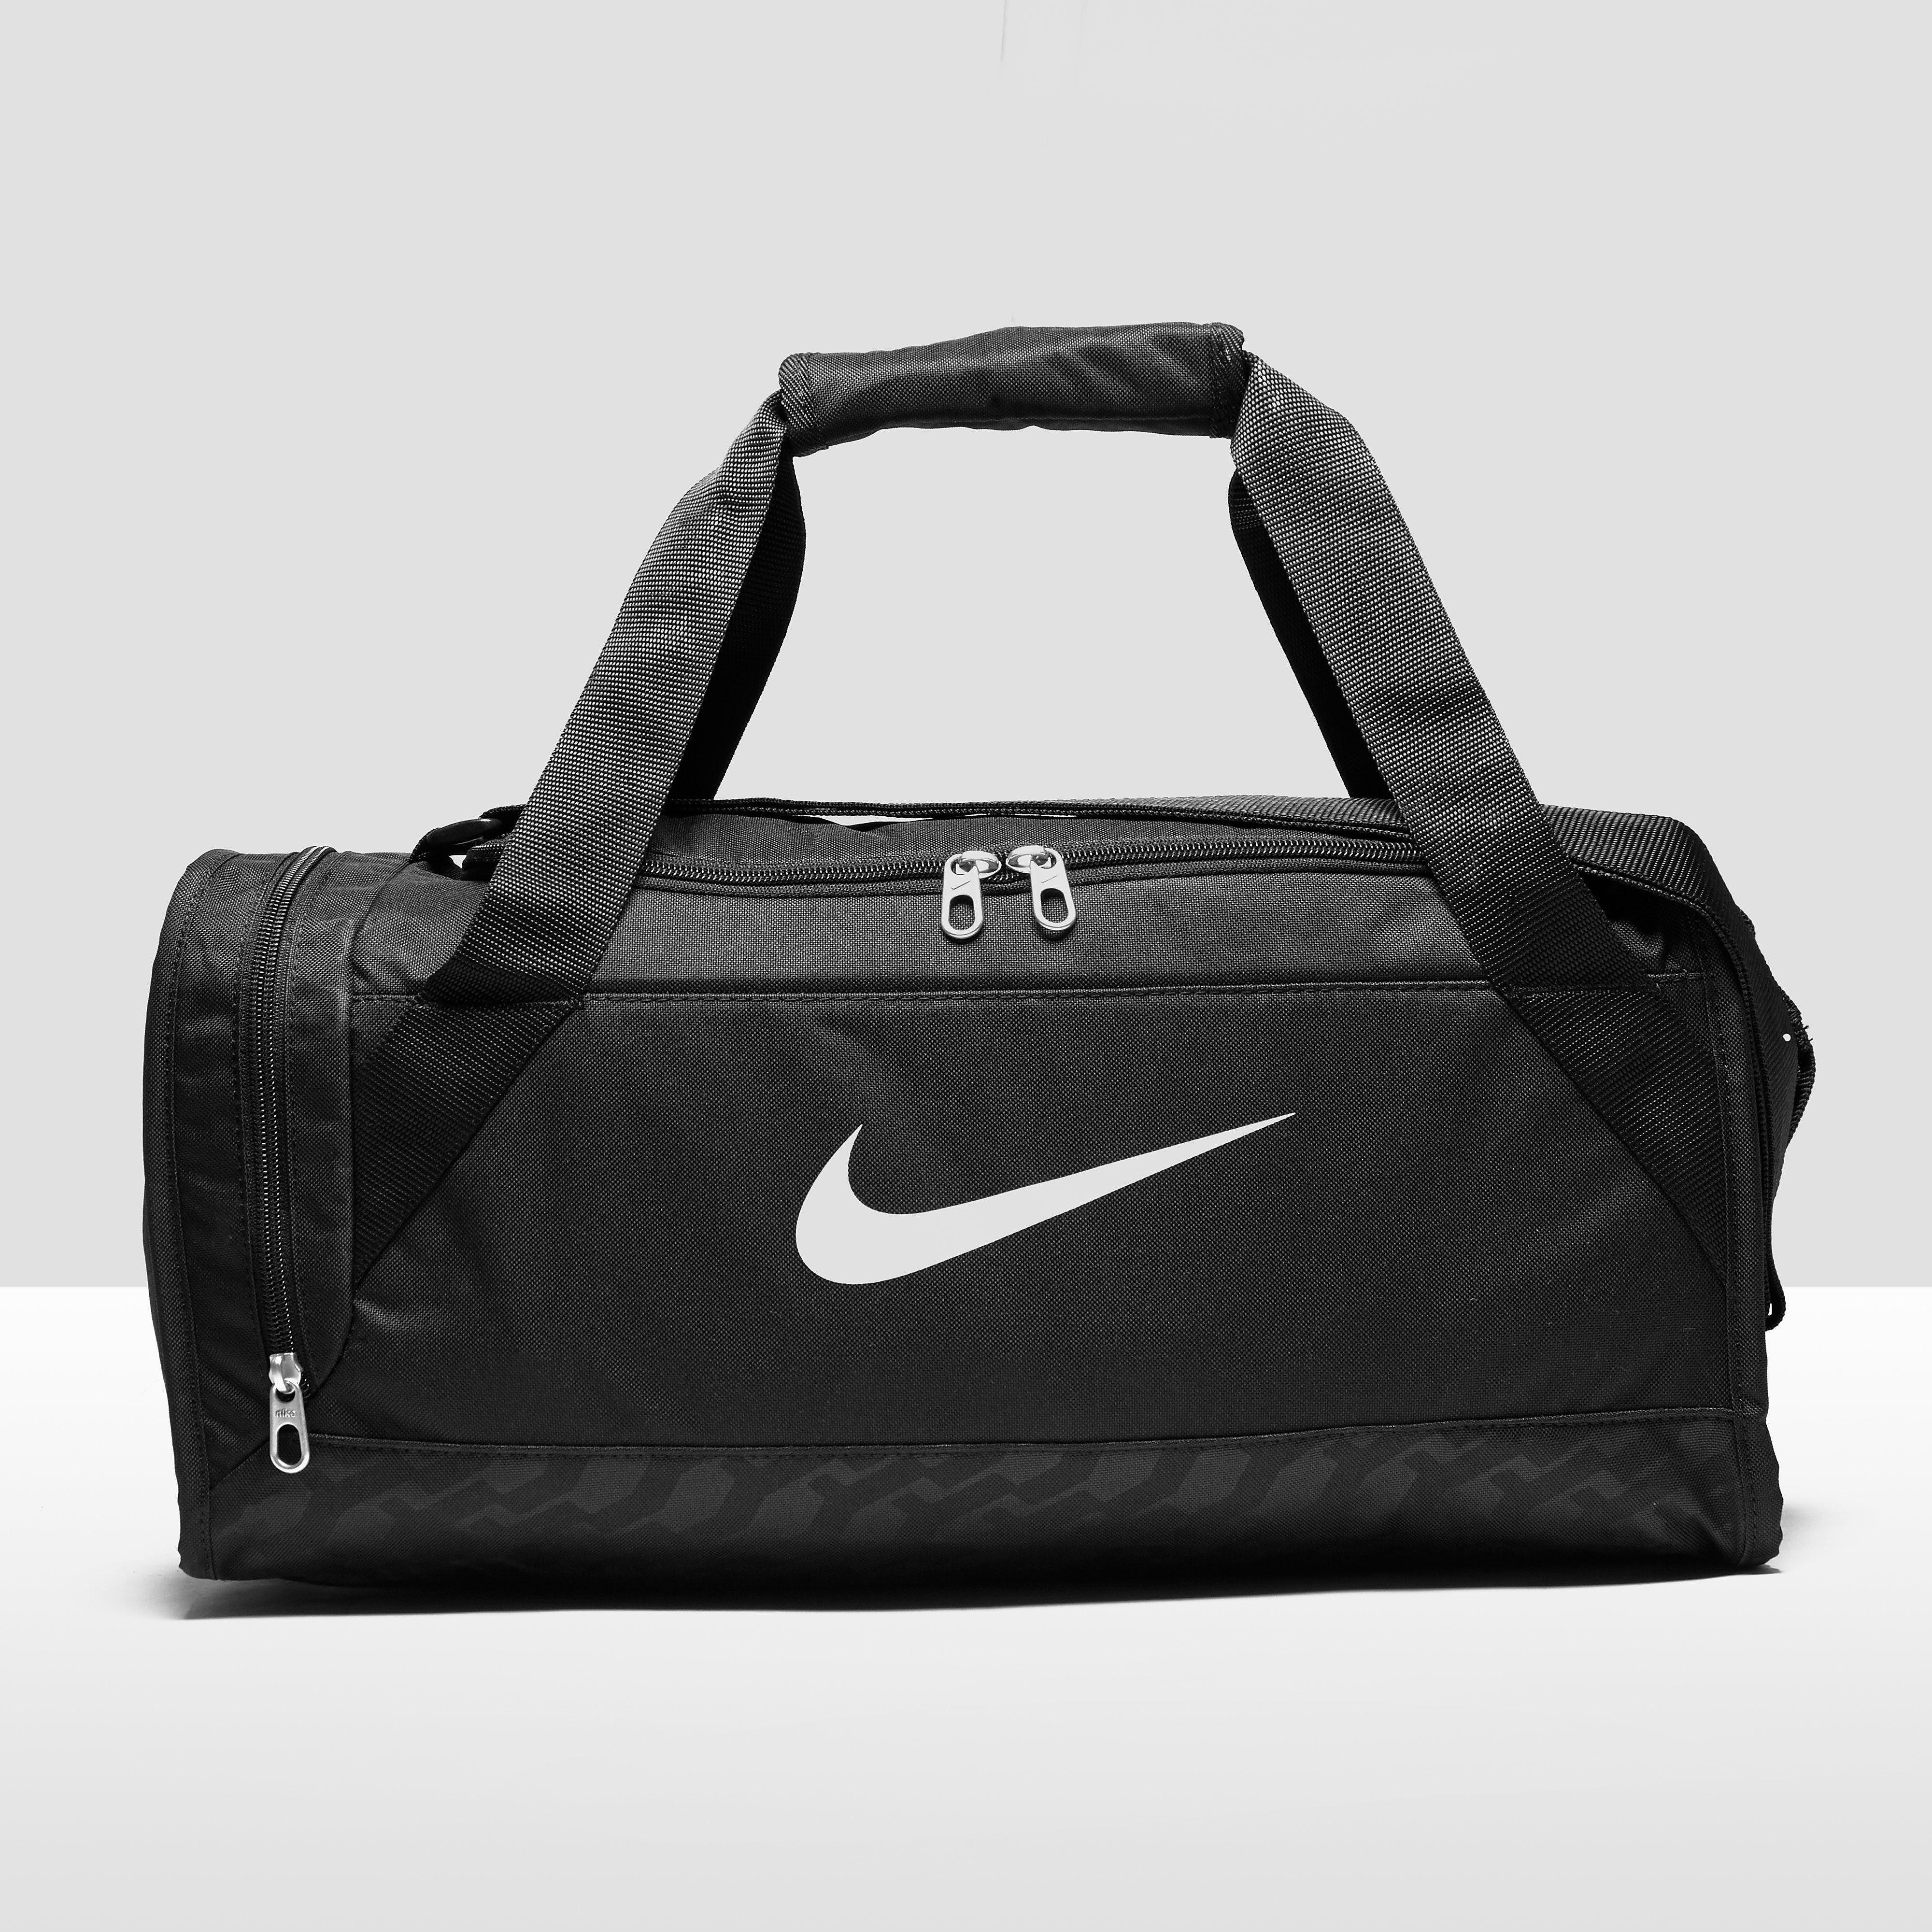 Nike BRASILIA 6 DUFFEL X-SMALL